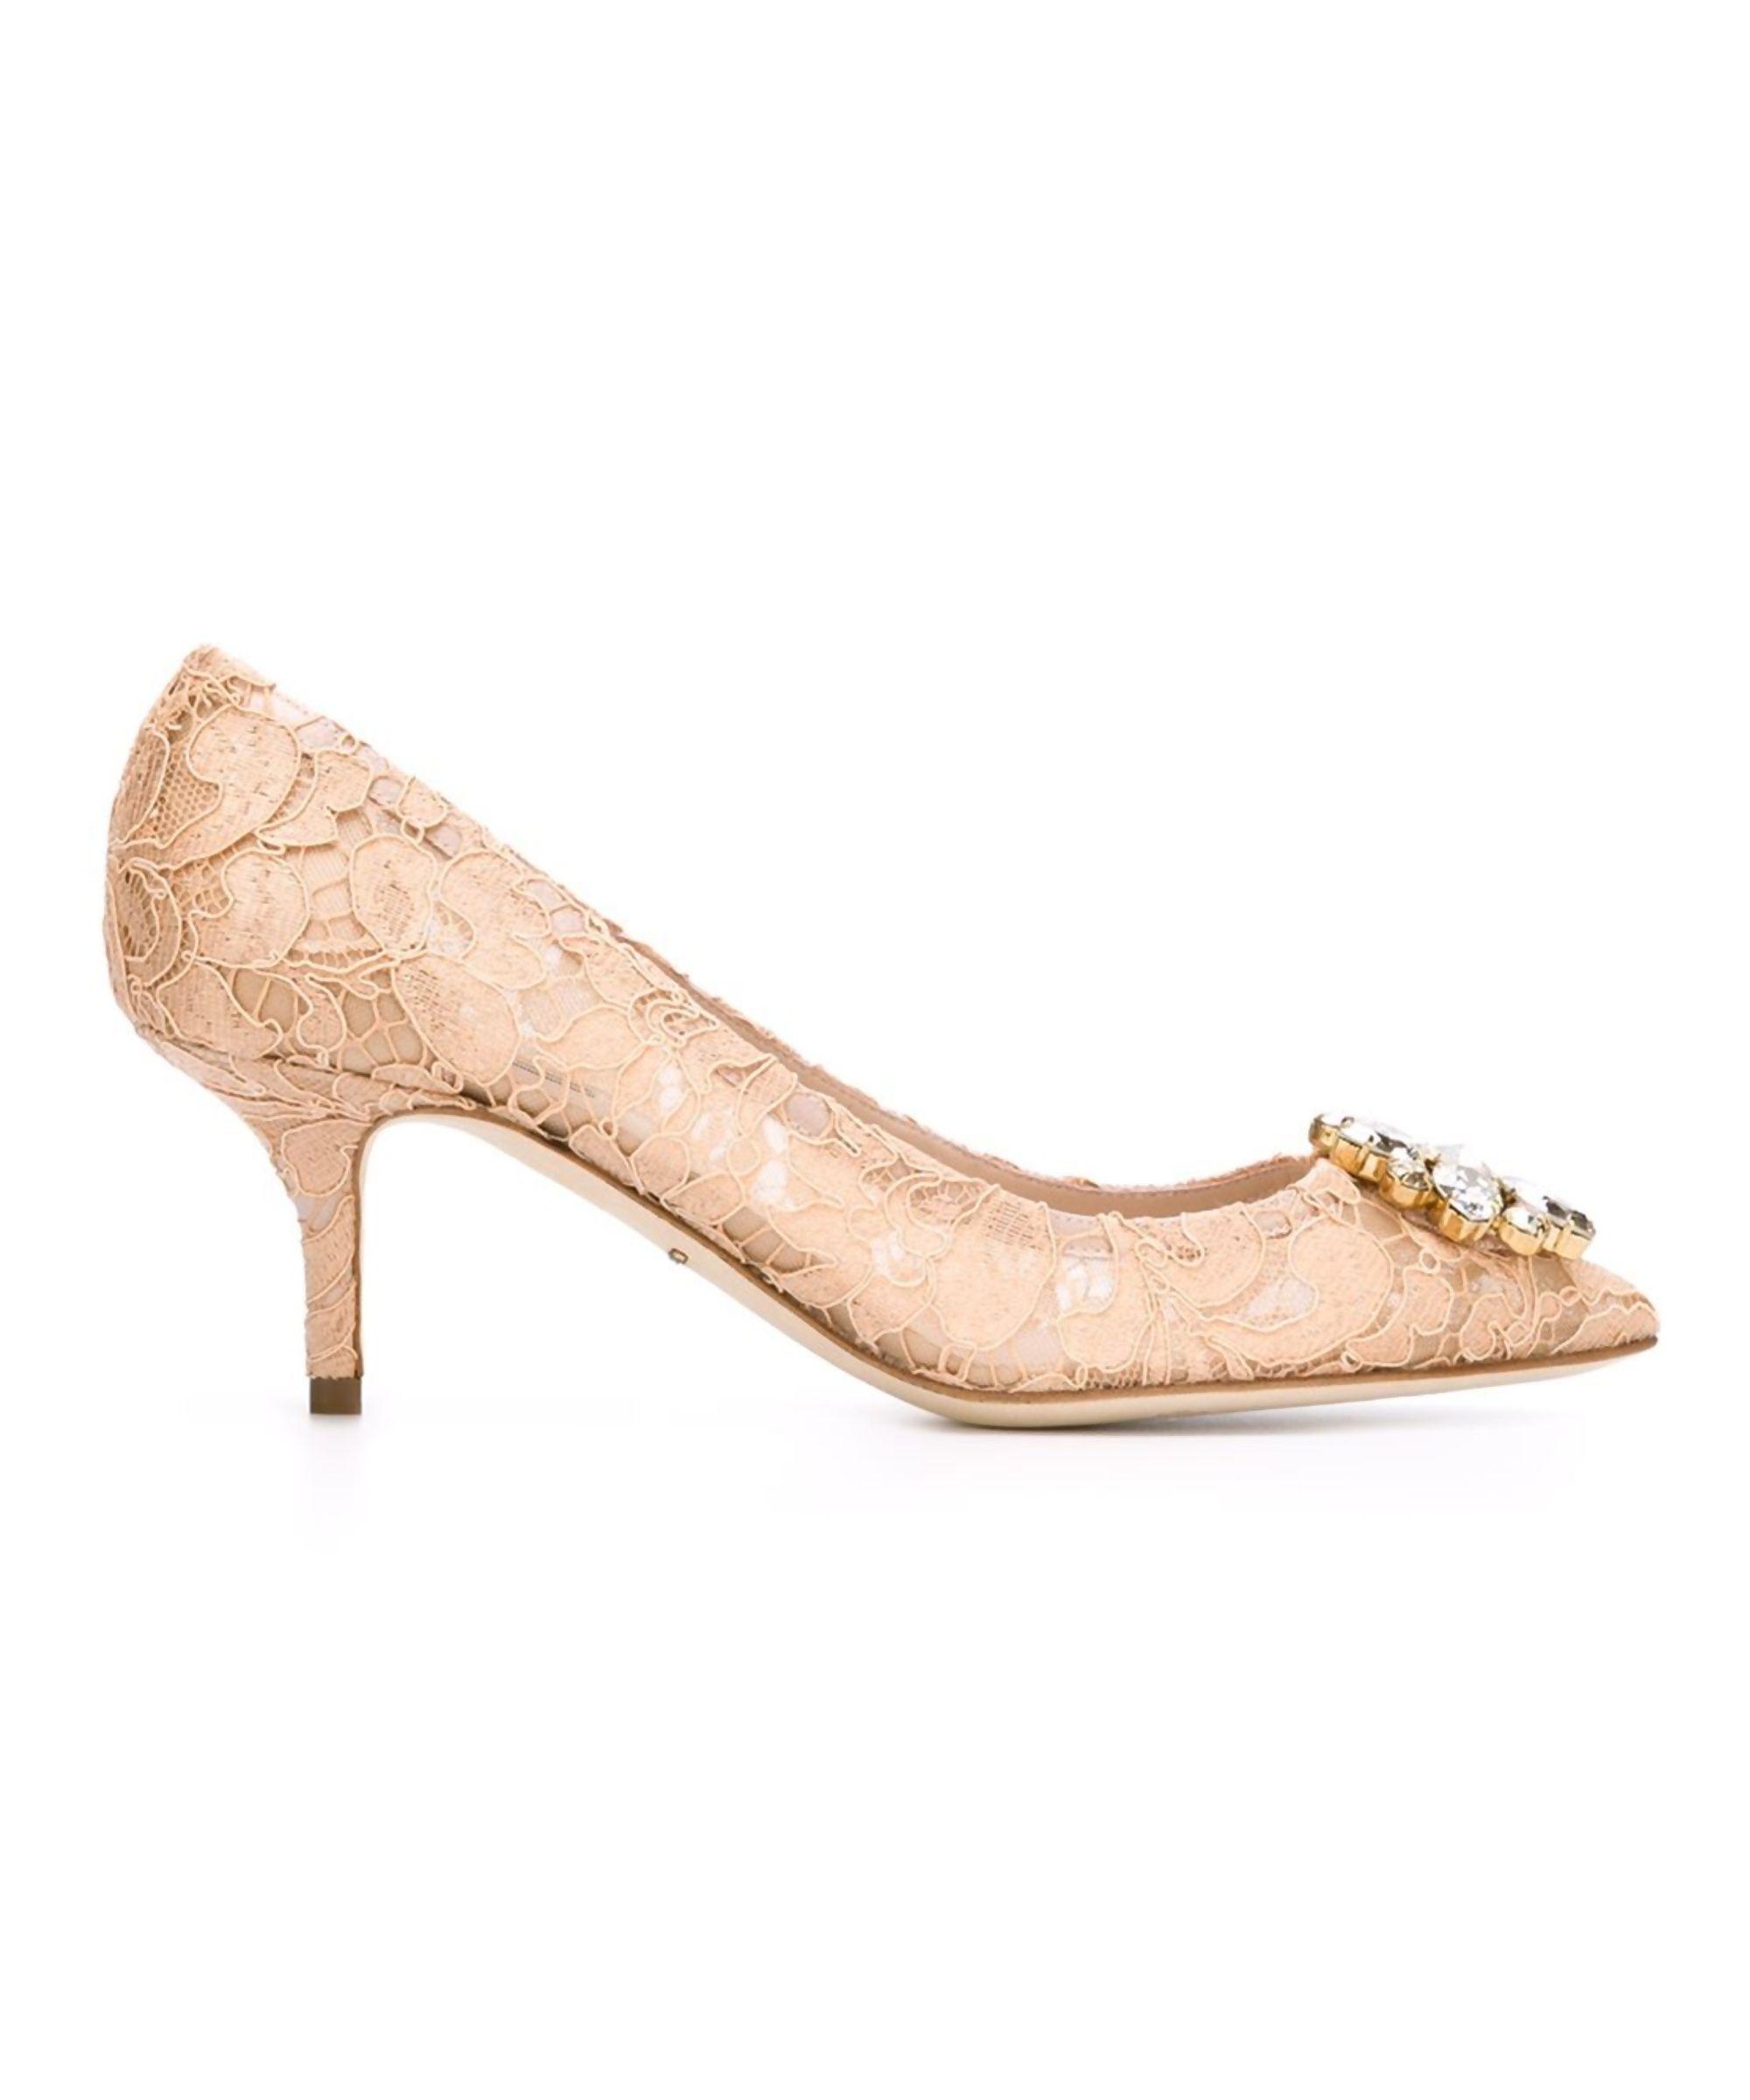 Dolce E Gabbana Dolce E Gabbana Women S Beige Silk Pumps Shoes Pumps High Heels Dolce E Gabbana Heels Kitten Heels Dolce And Gabbana